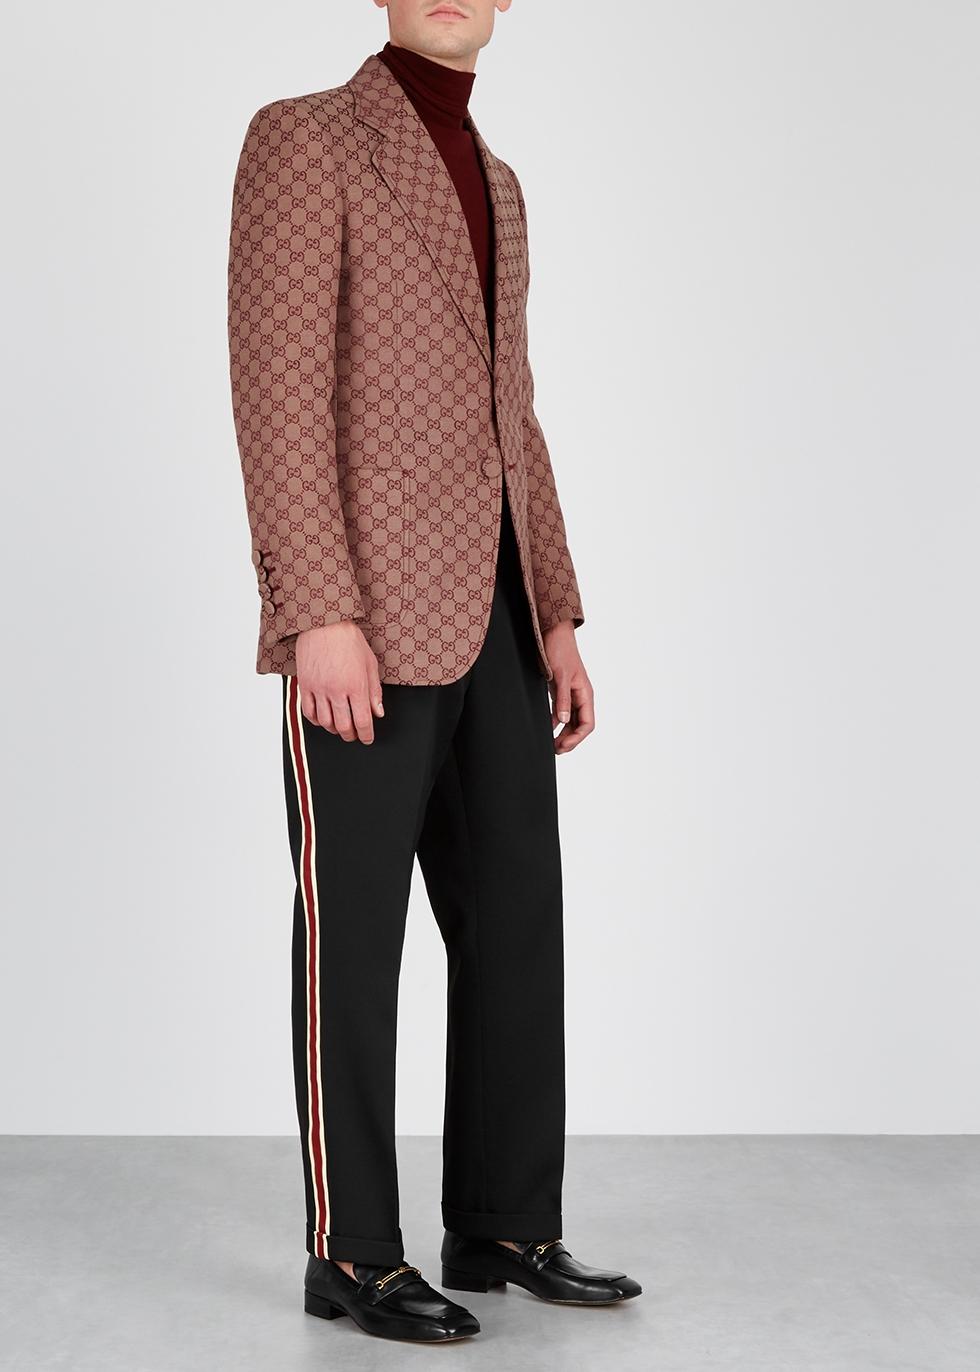 GG jacquard cotton-blend blazer - Gucci